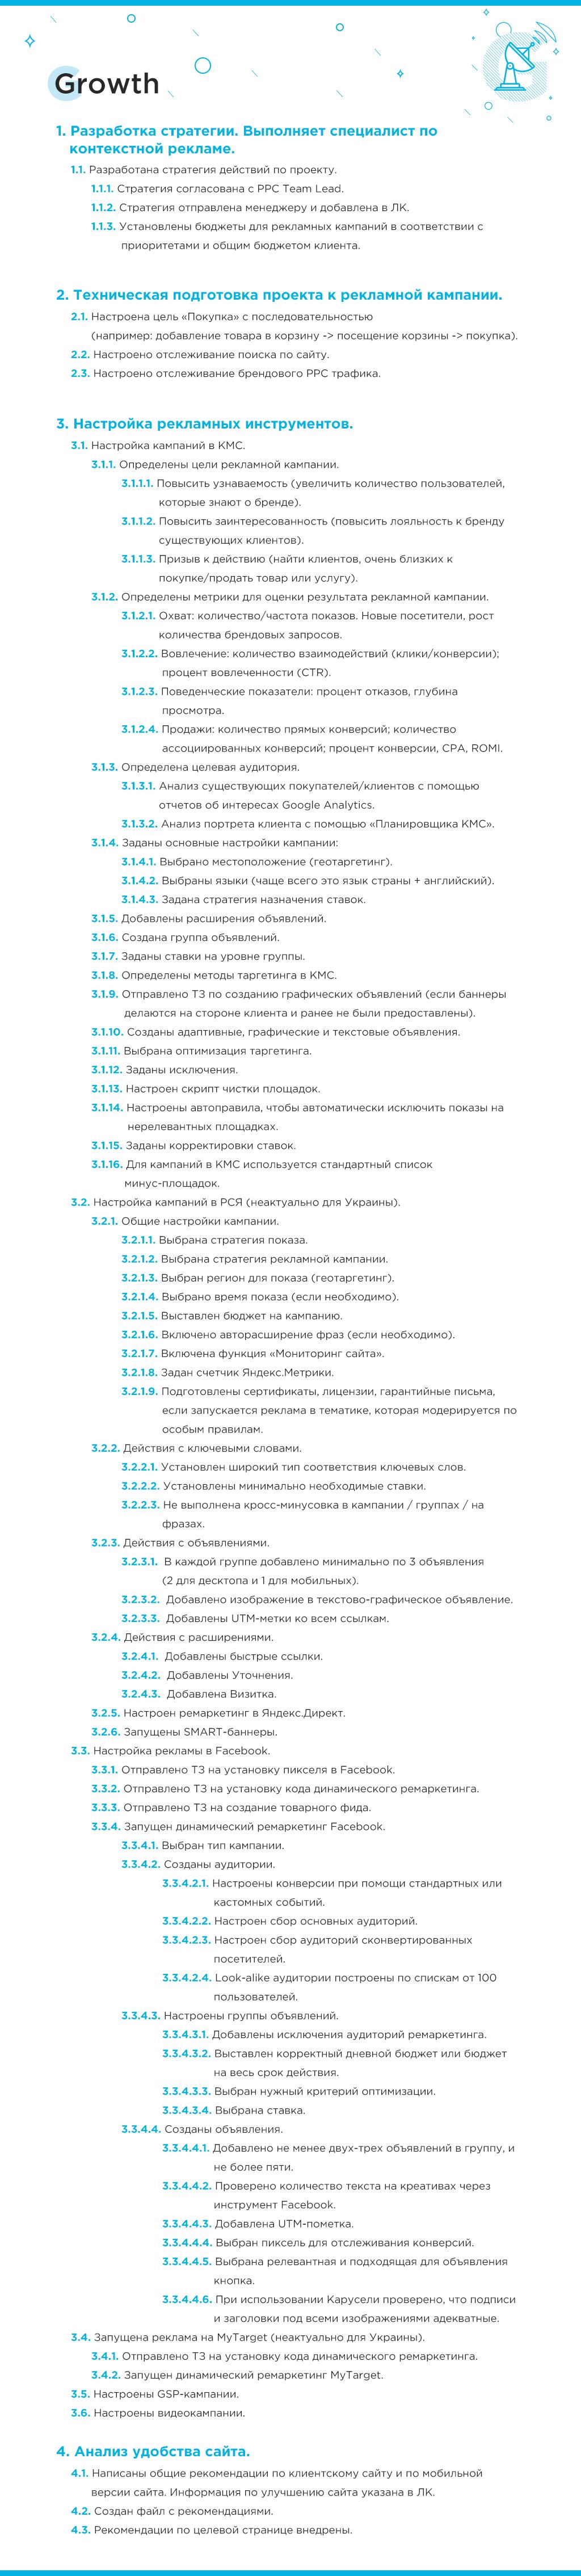 Пакет Growth контекстная реклама в Netpeak